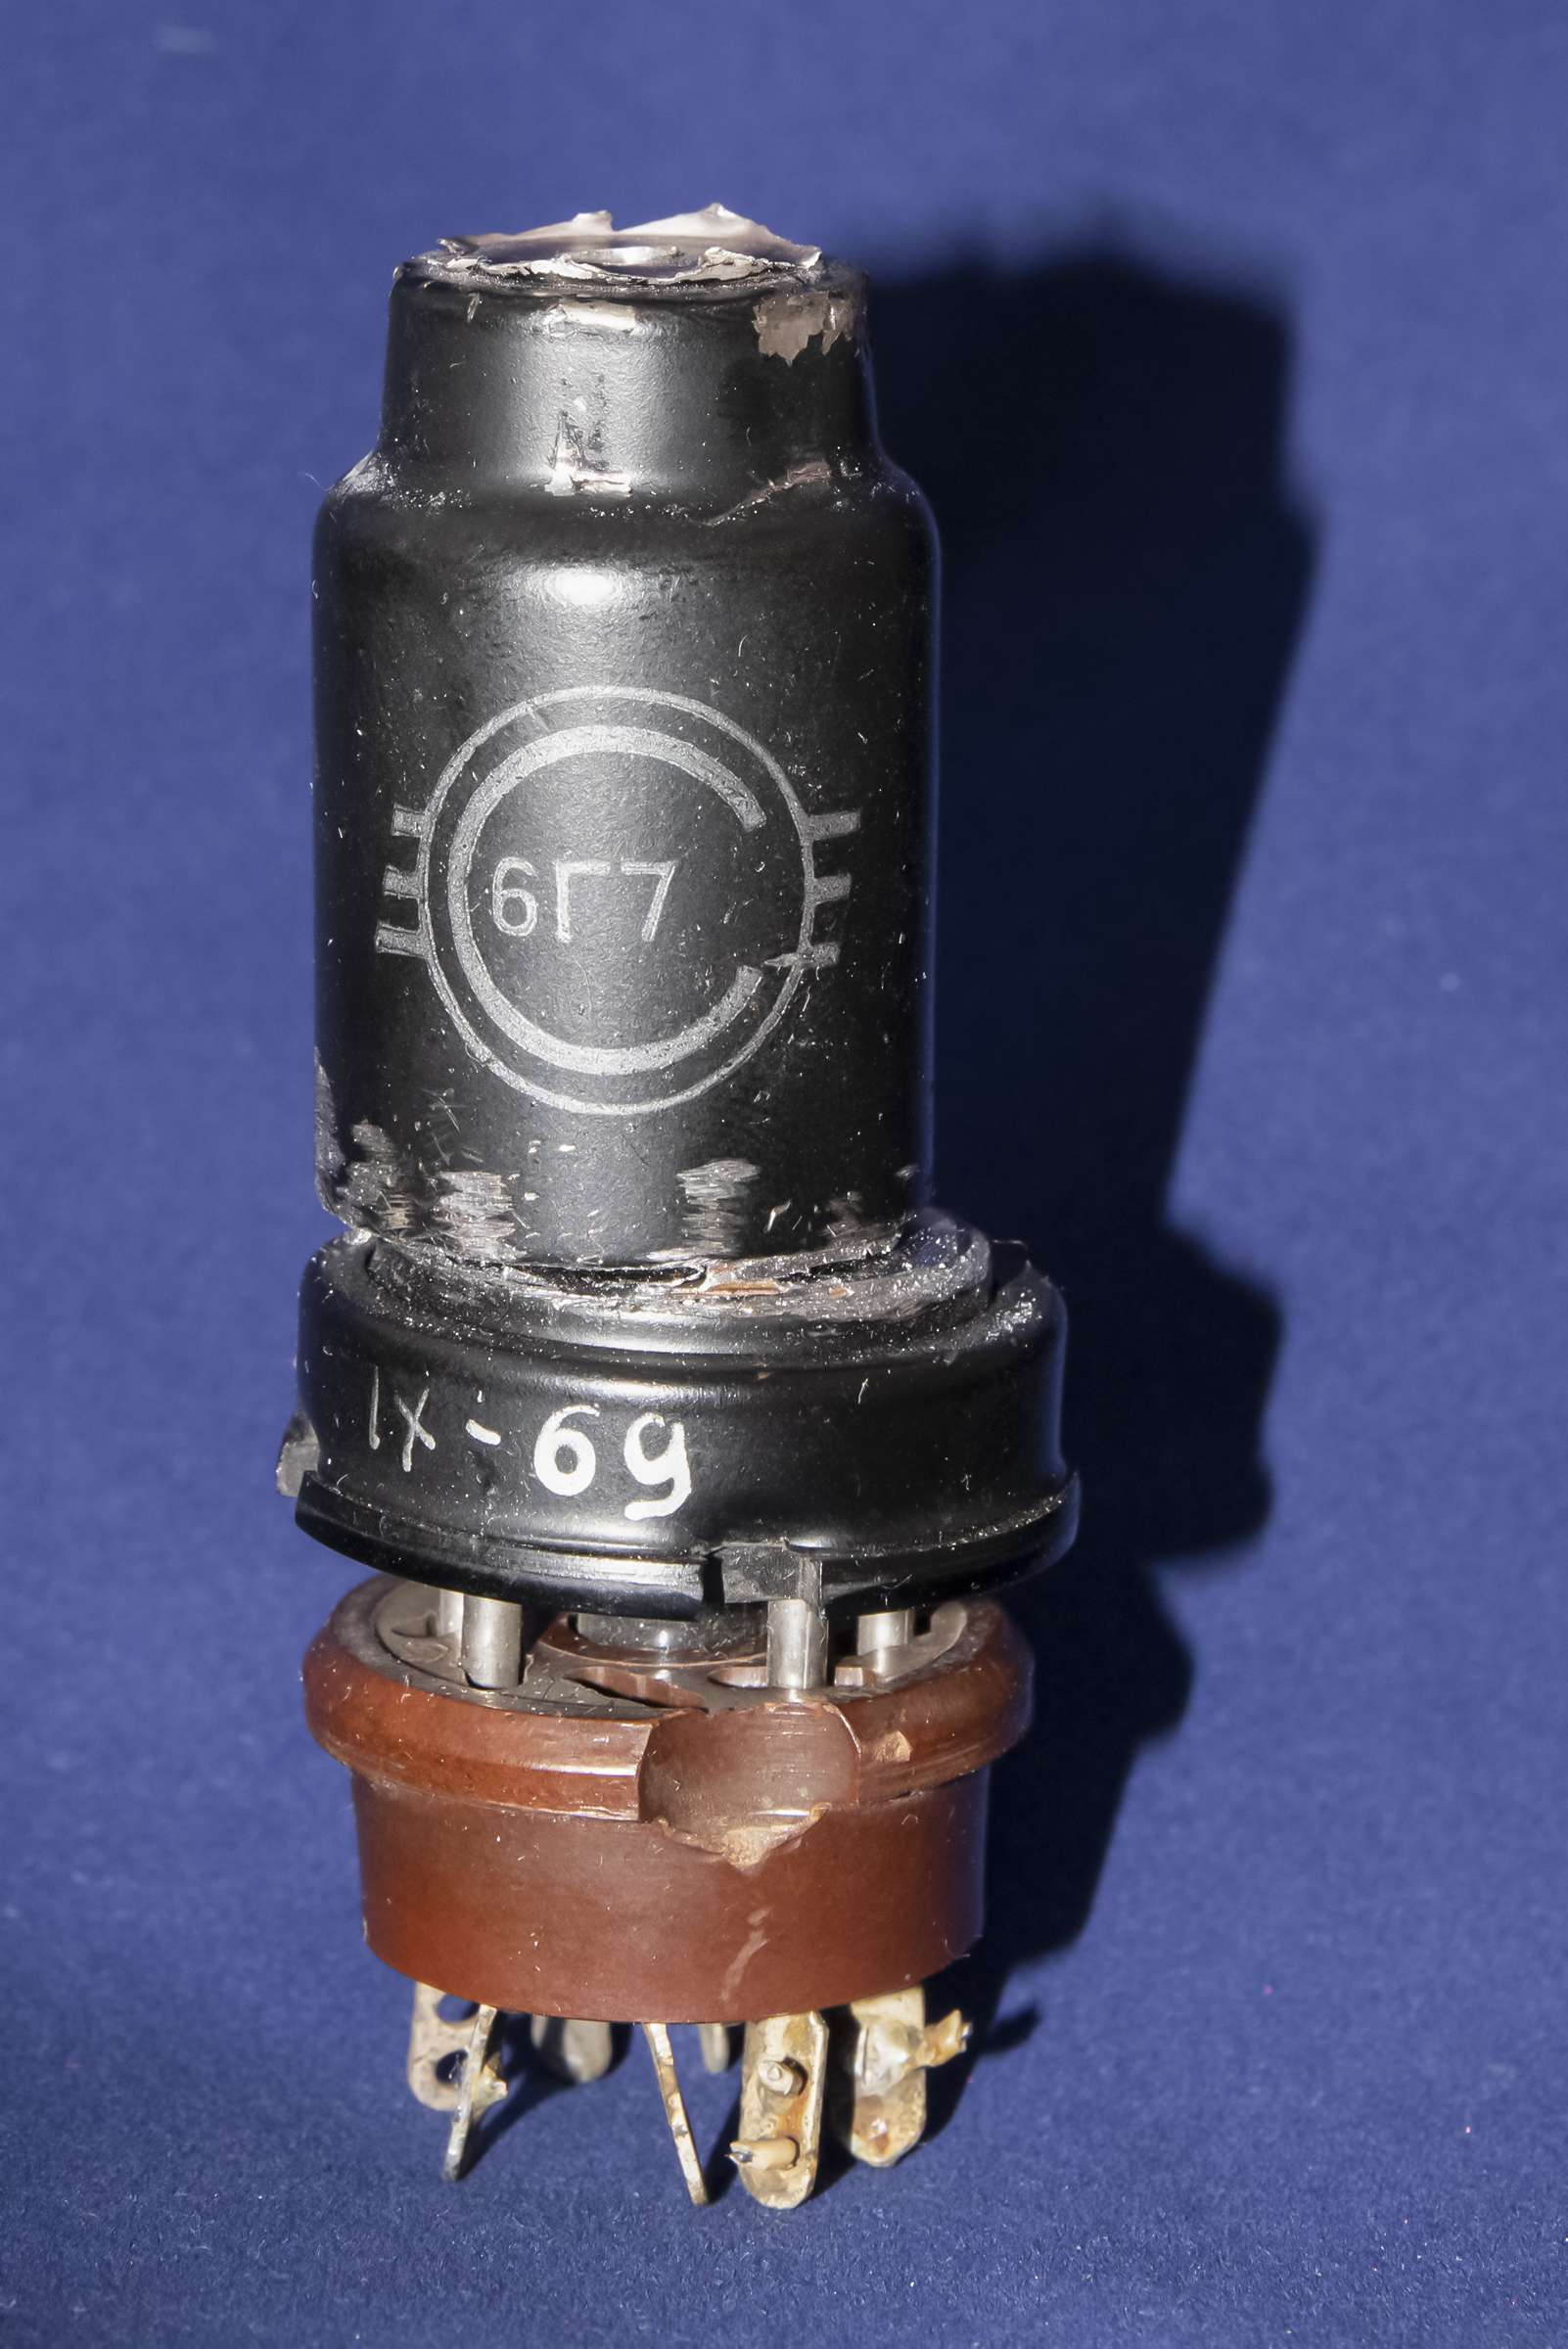 Внутреннее устройство радиолампы 6Г7